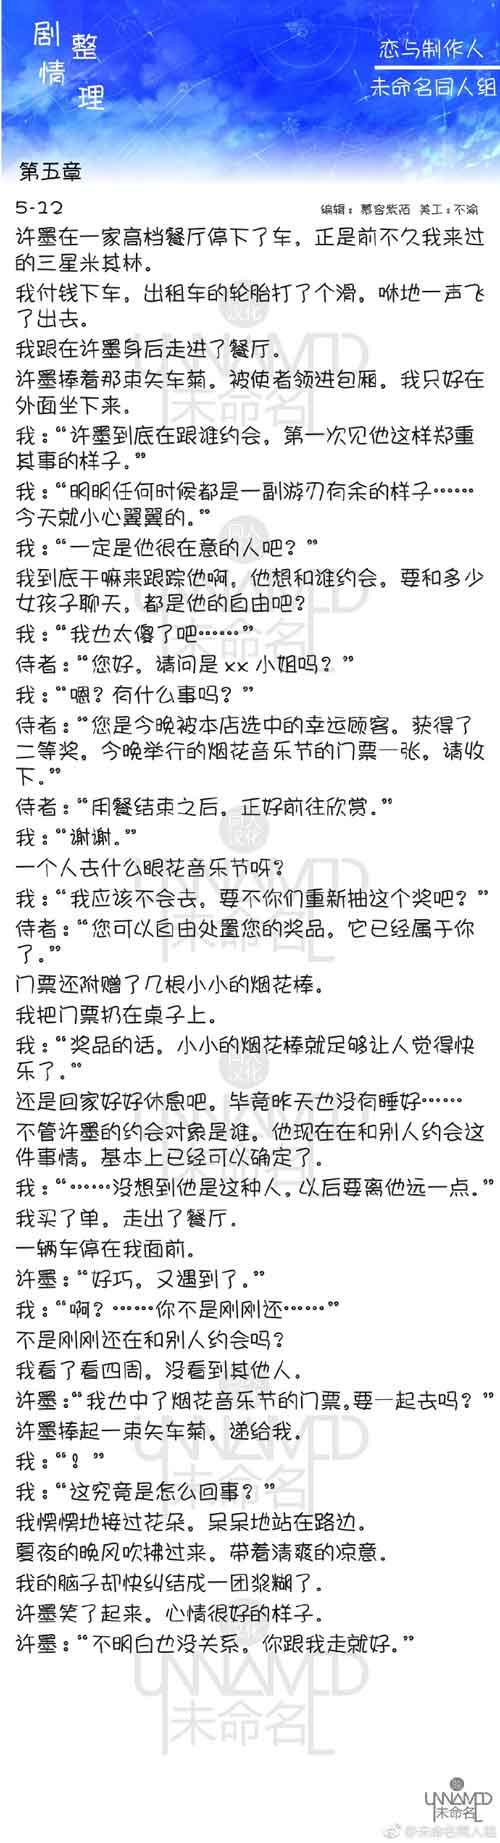 恋与制作人5-12剧情